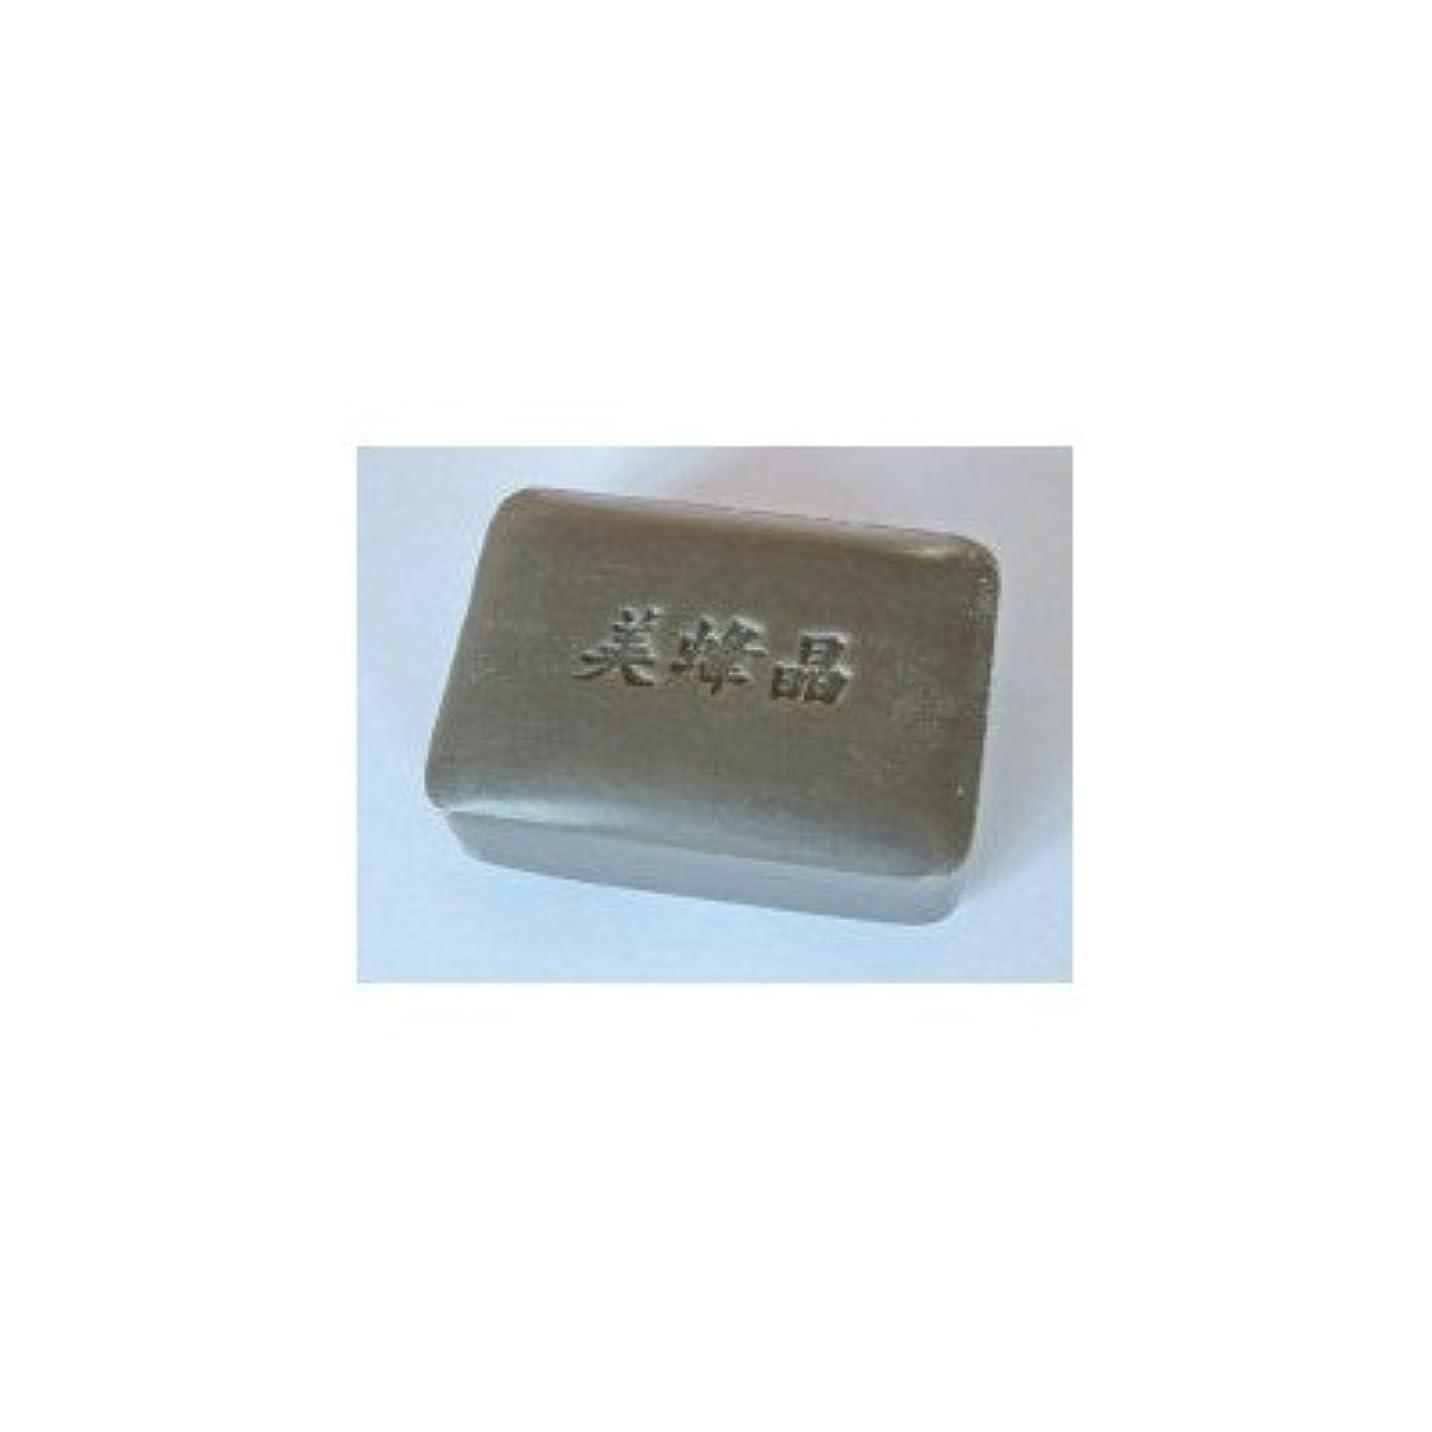 徒歩で厚いバッフルプロポリスエキス配合の洗顔用石鹸 鈴木養蜂場 プロポリス石鹸 美蜂晶100g 2個セット